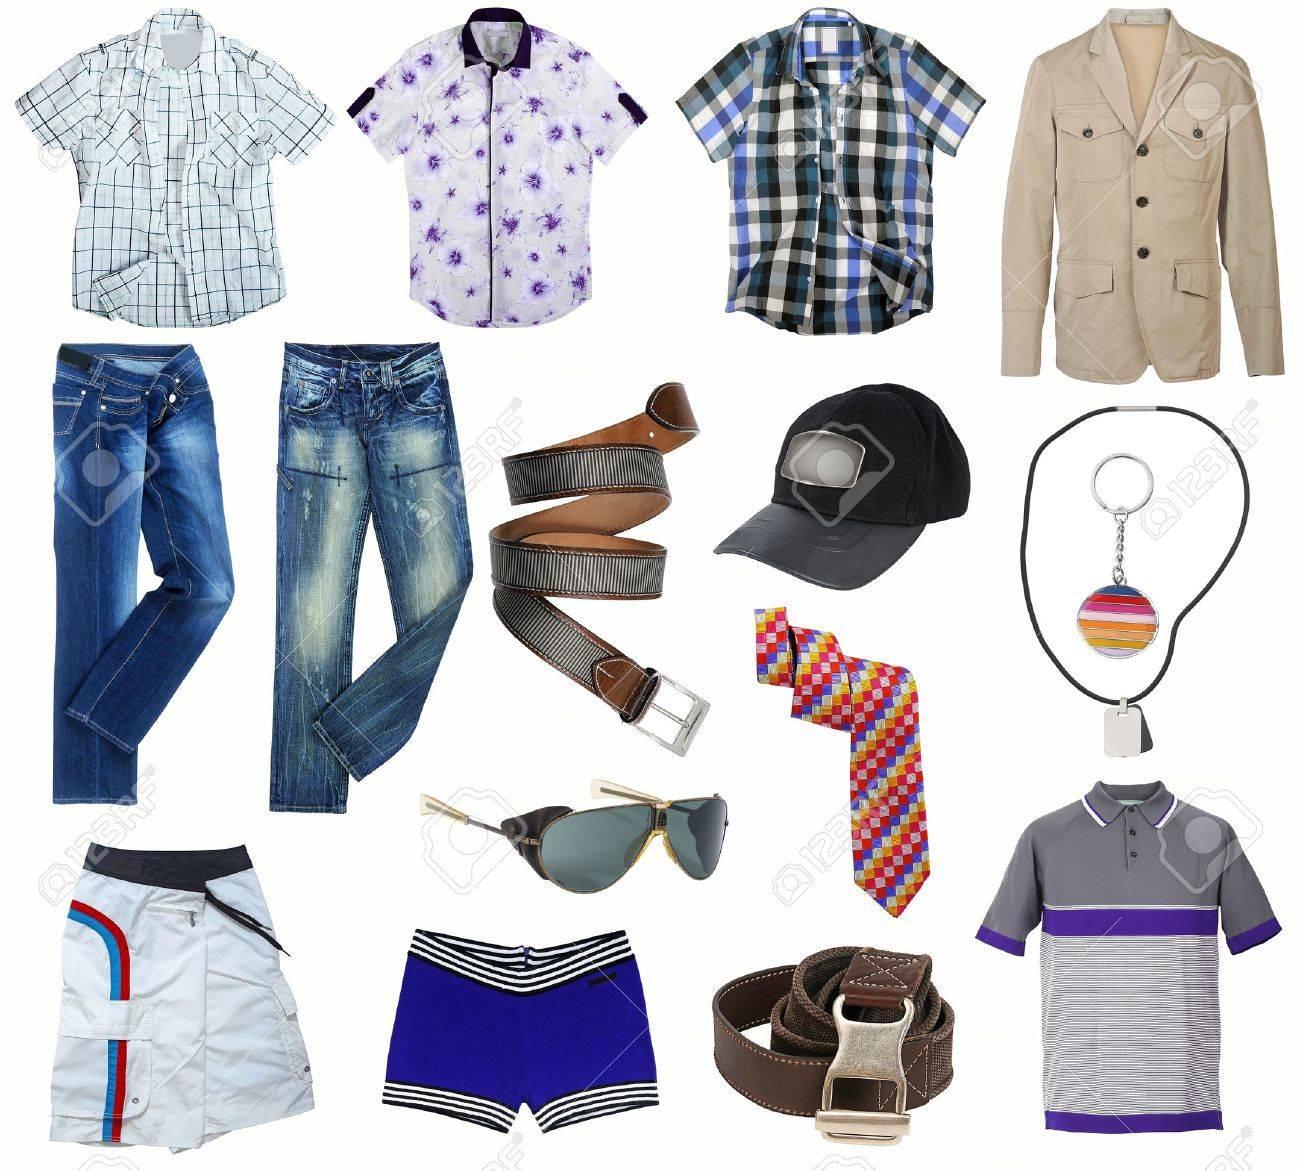 87c43f2fc9 Colección de ropa masculina aislado en blanco Foto de archivo - 17014449